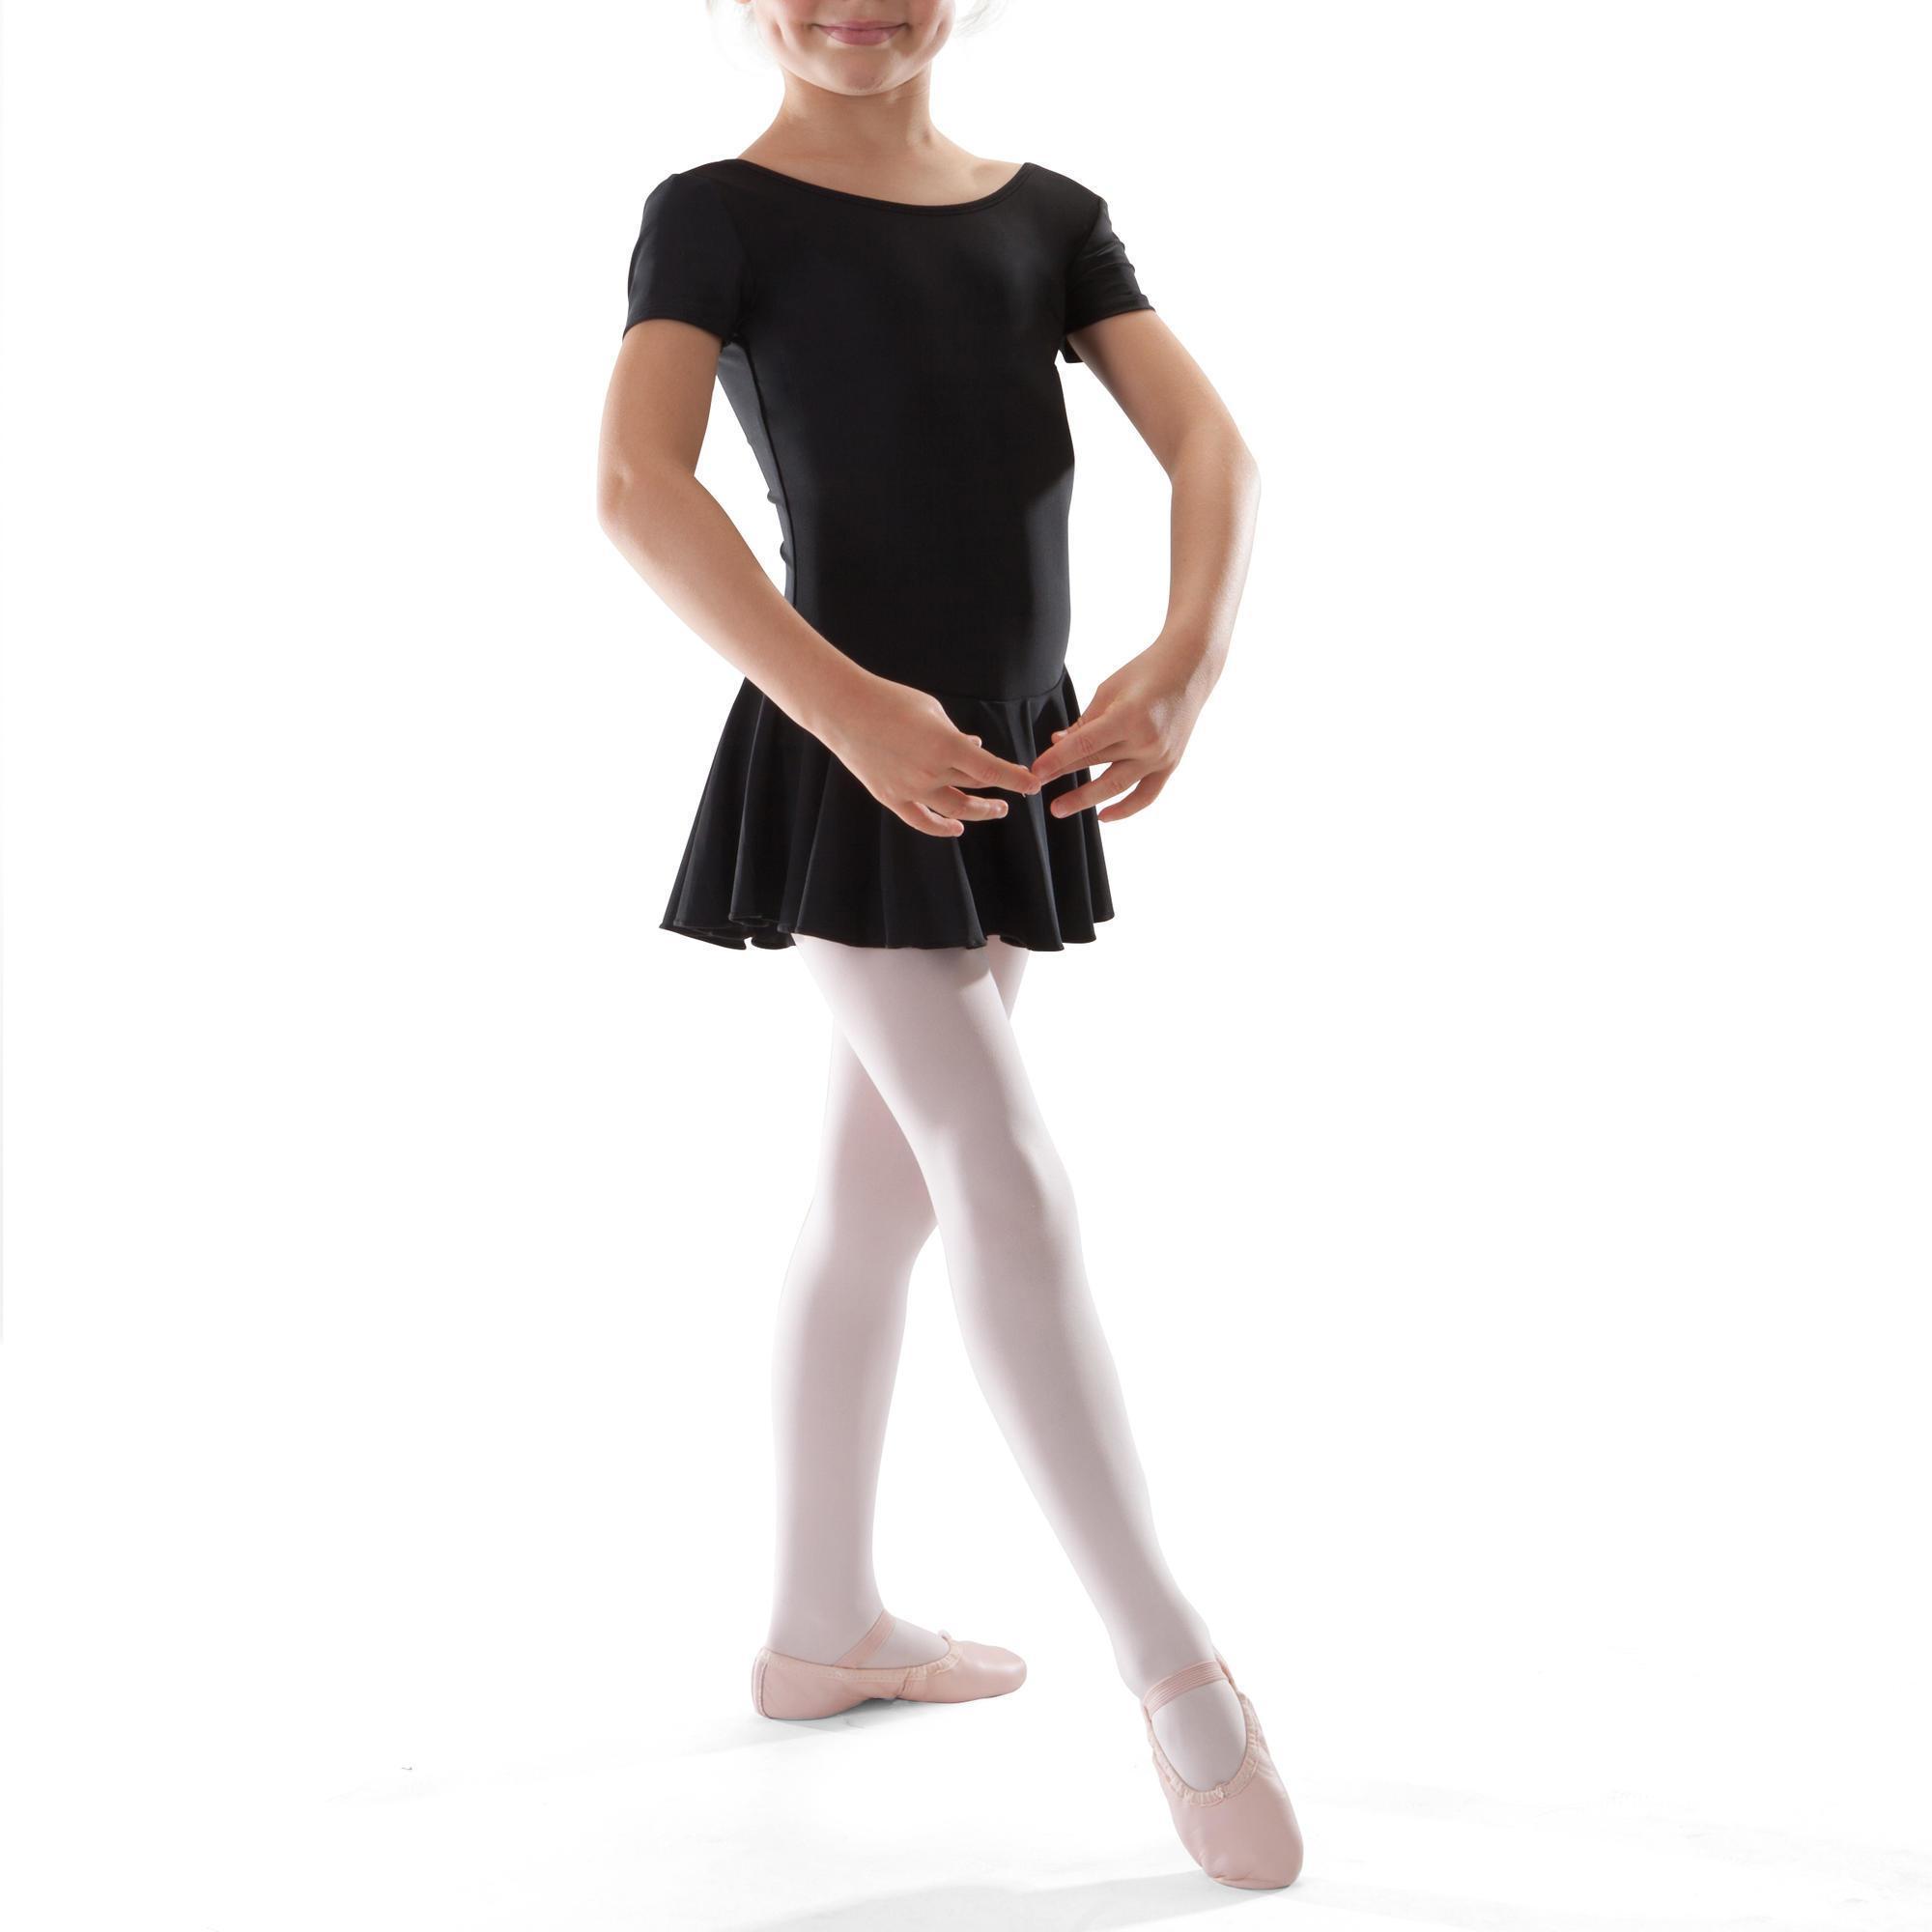 Domyos Balletpakje met rokje voor meisjes